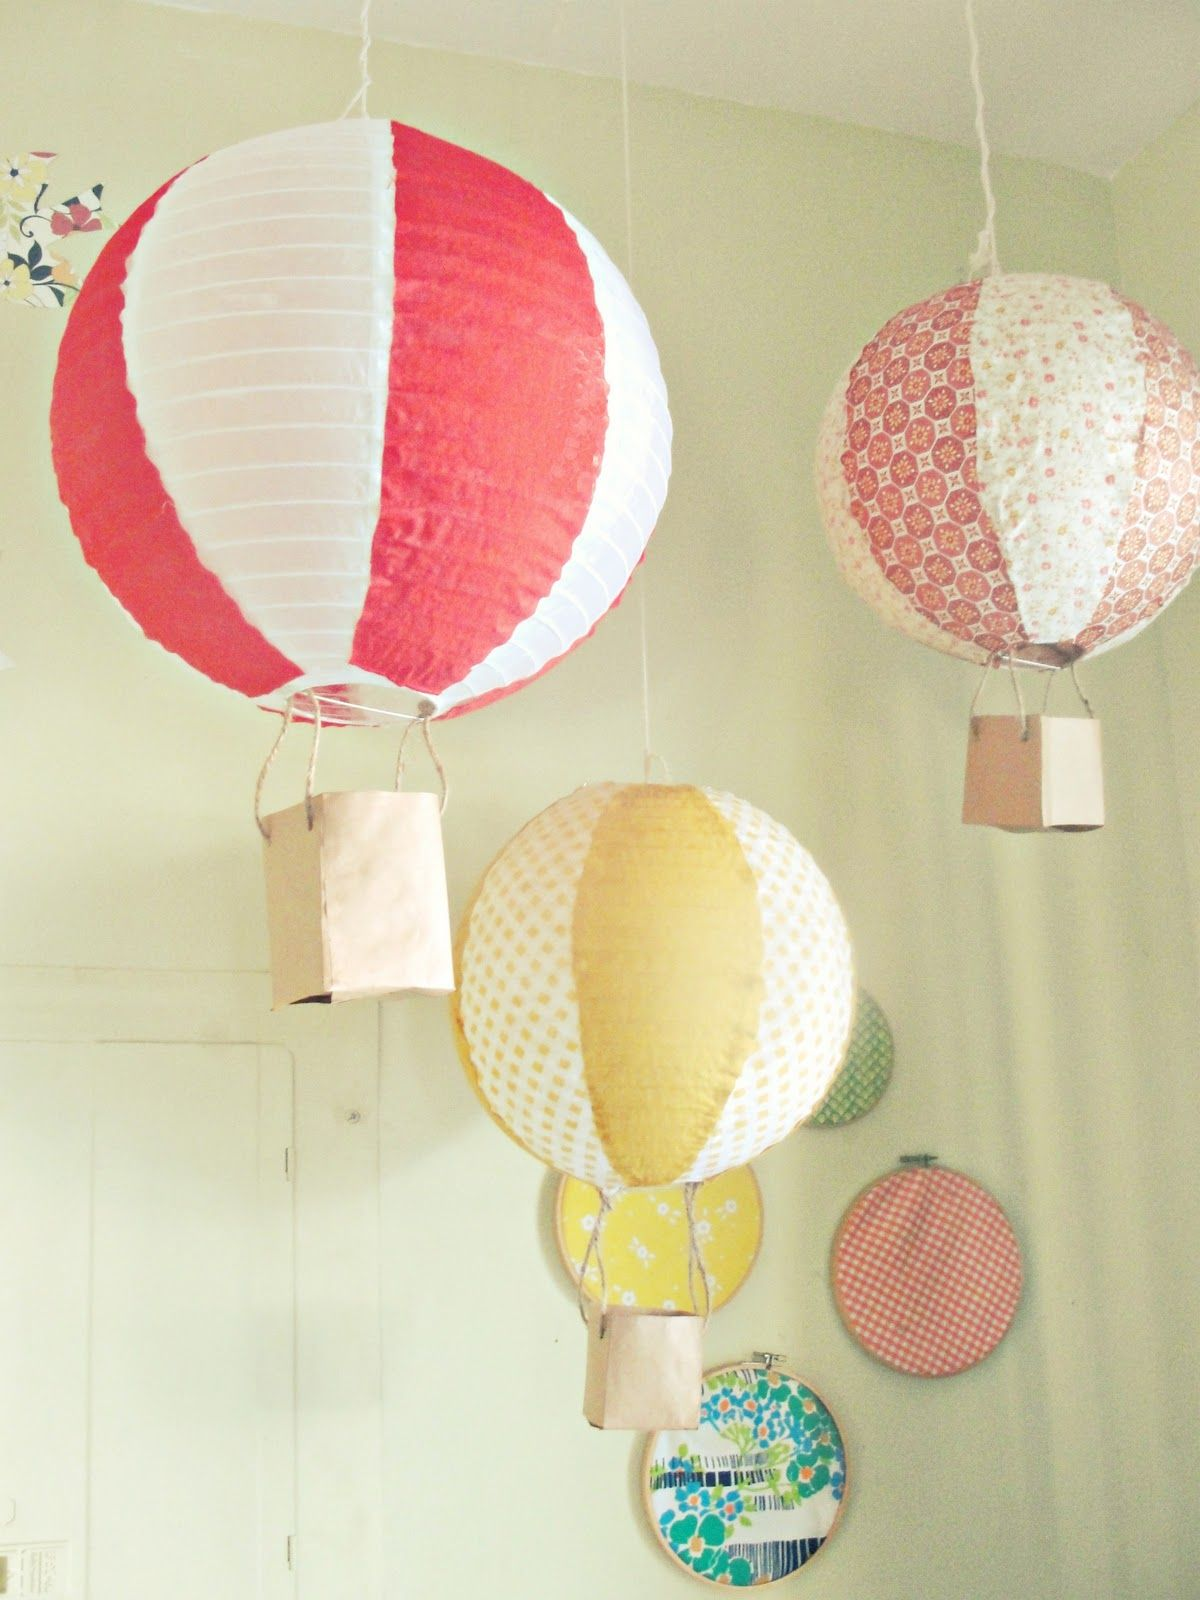 Hei luftballons - Lampions kinderzimmer ...